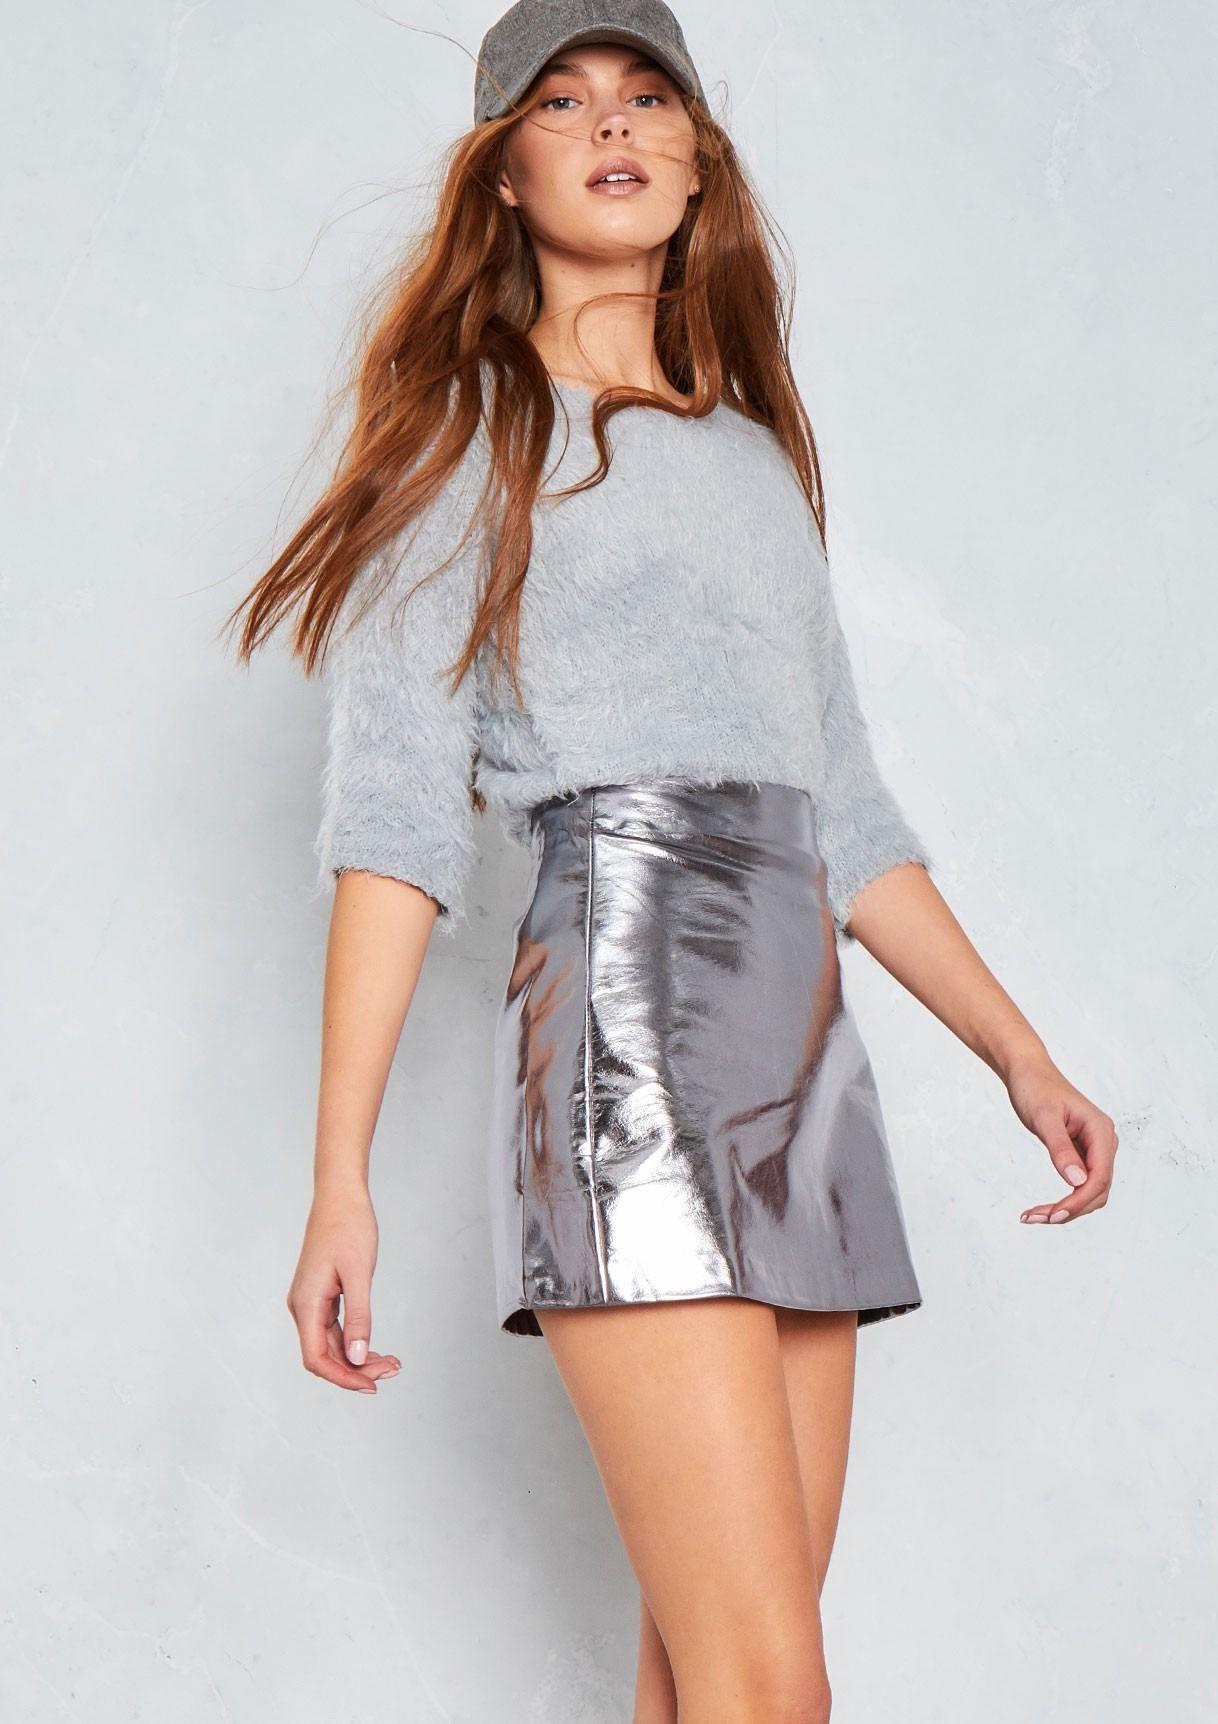 72d2f87f46b7f Vesper Silver Metallic Faux Leather Skirt